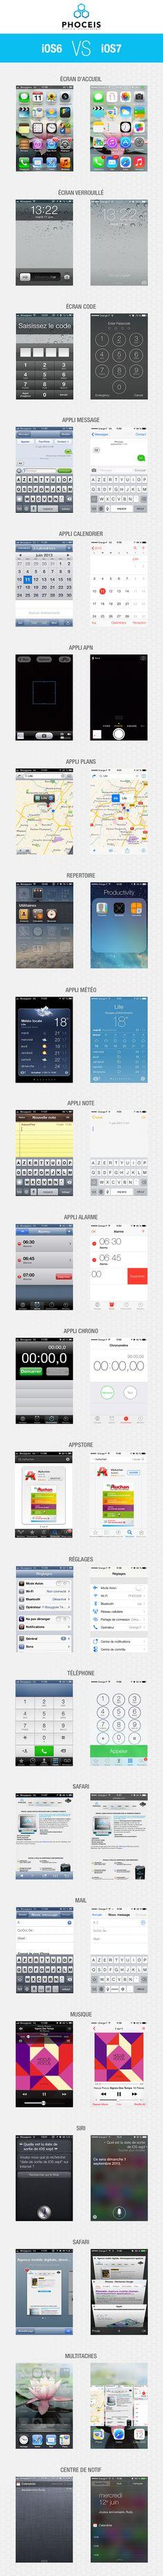 Les différences entre iOS 6 et iOS 7 en une image source : www.stephanegillet.com